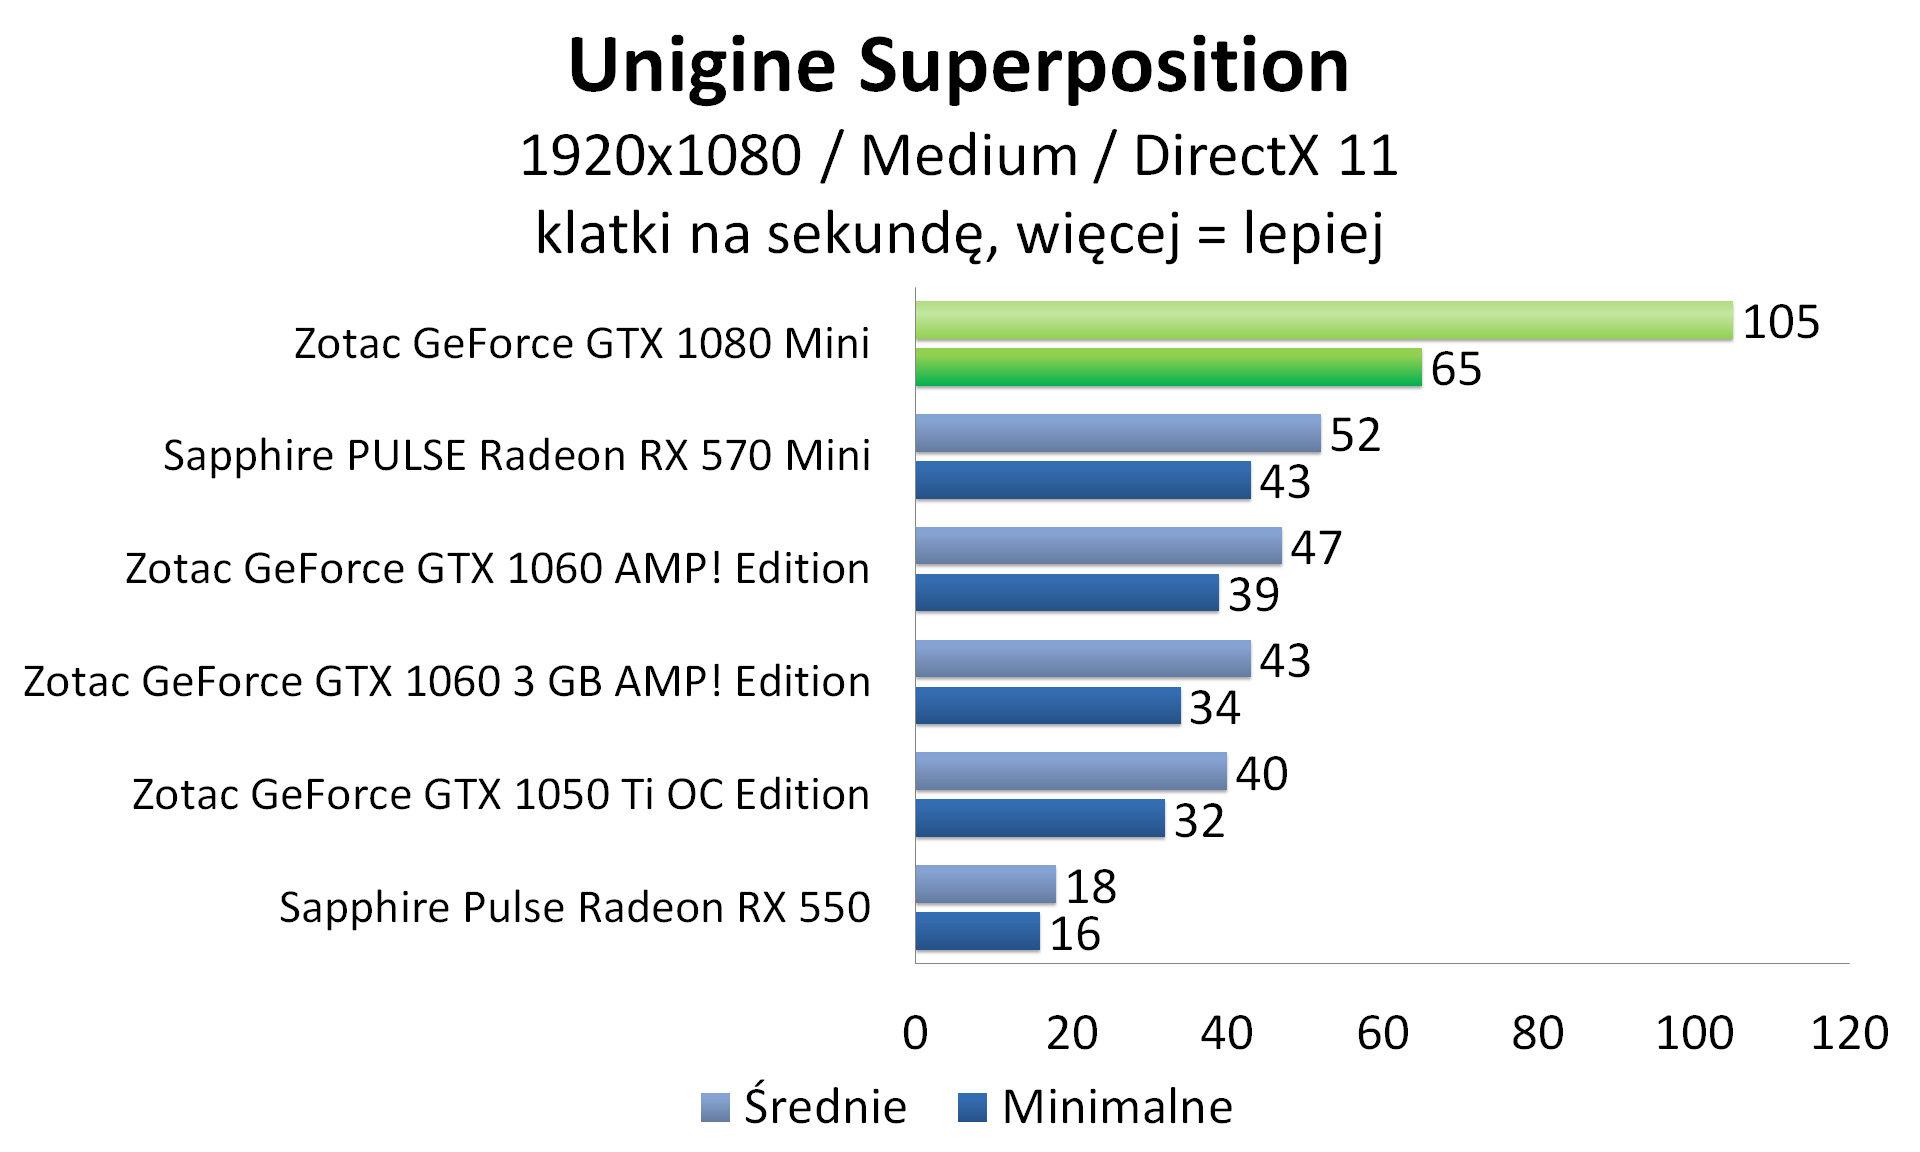 Zotac GeForce GTX 1080 Mini - Unigine Superposition